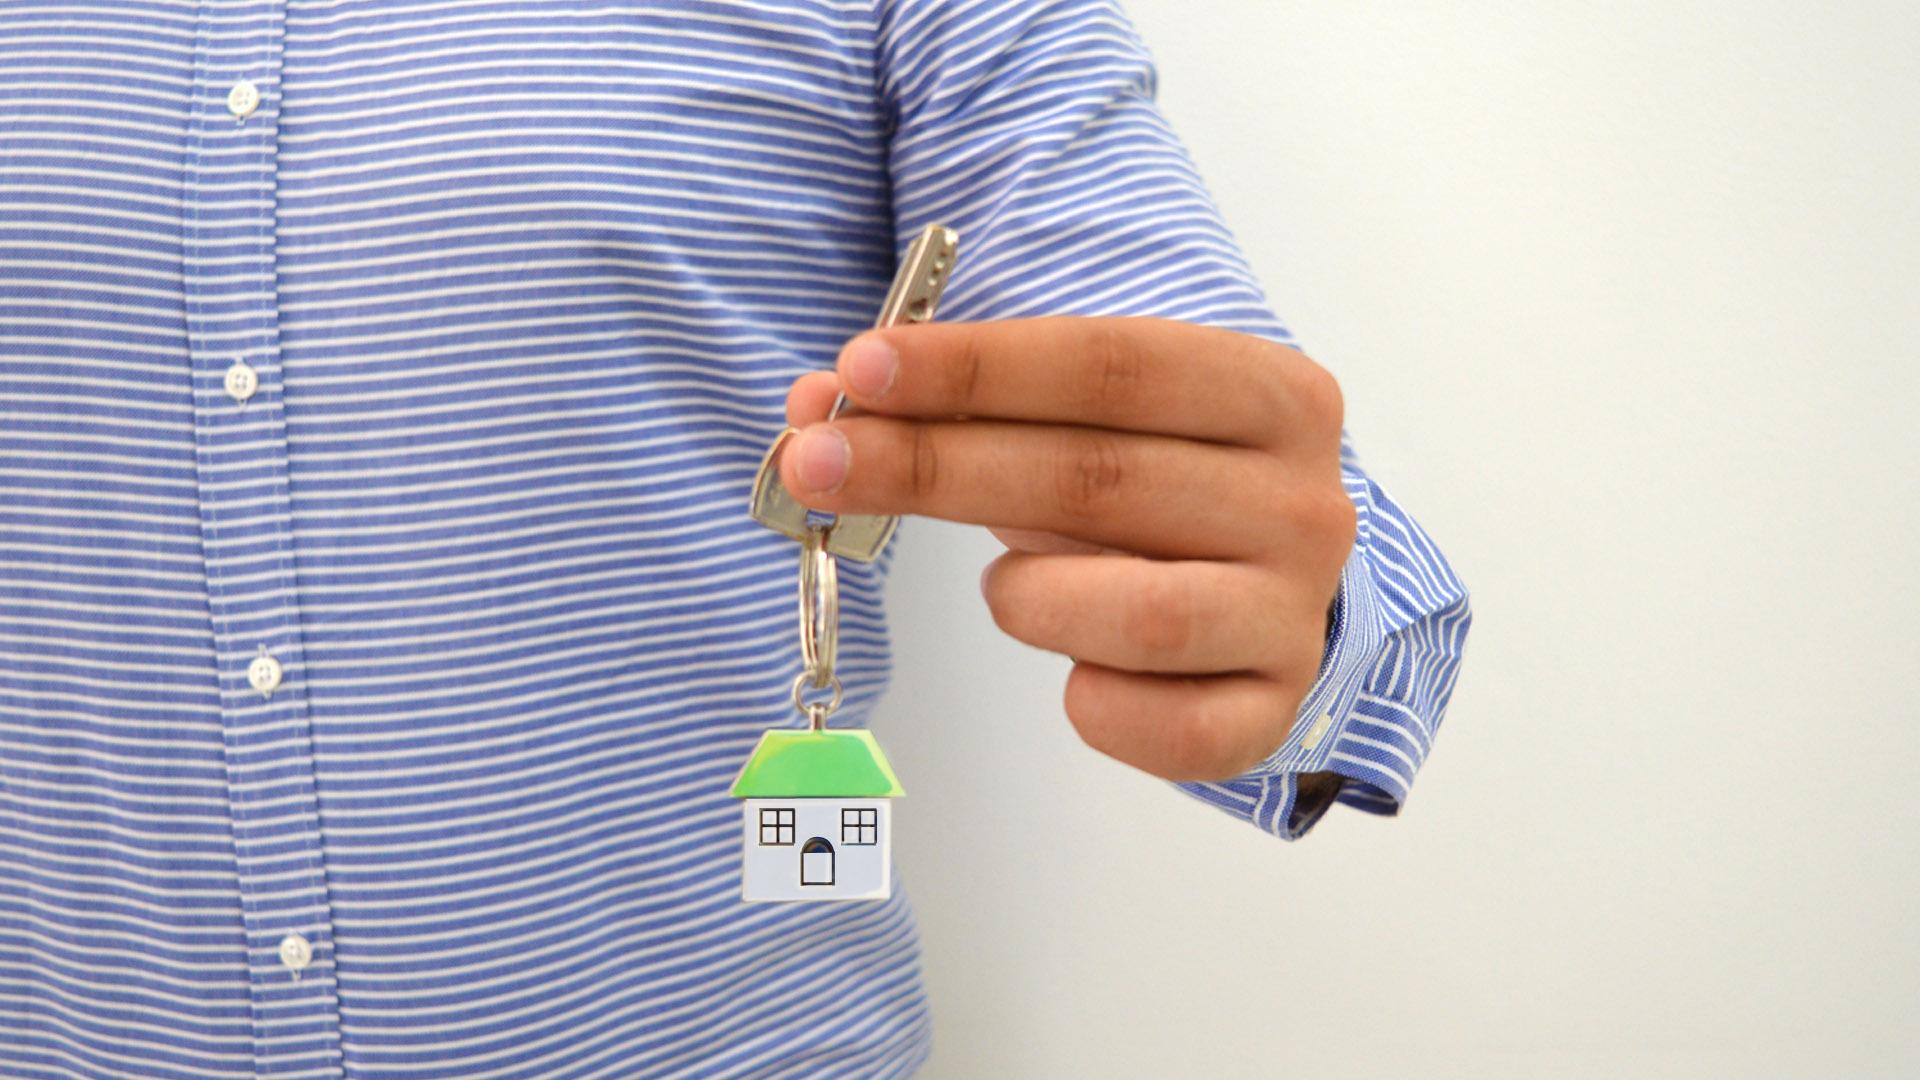 Agenzia immobiliare di bitonto e bisceglie - Immobiliare bisceglie ...